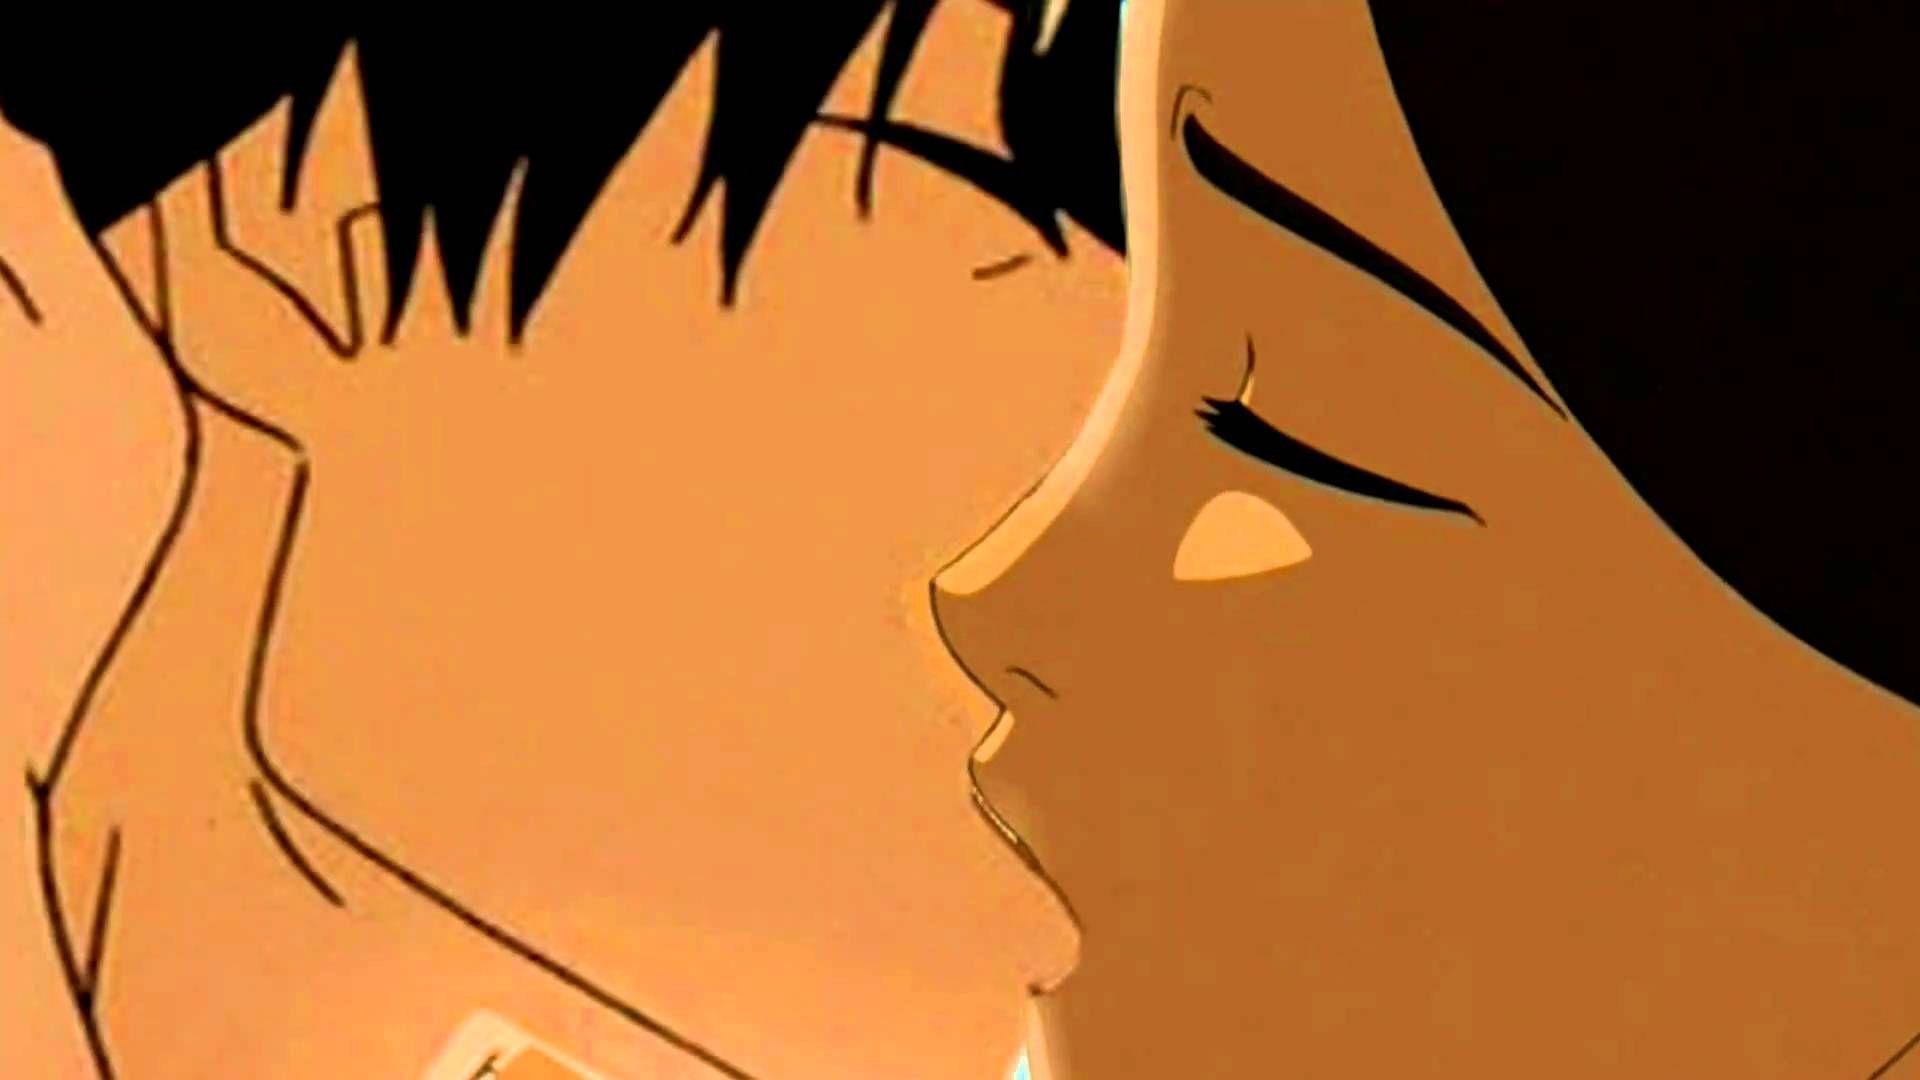 Zutara Kiss Manip With Images Zutara Zuko And Katara The